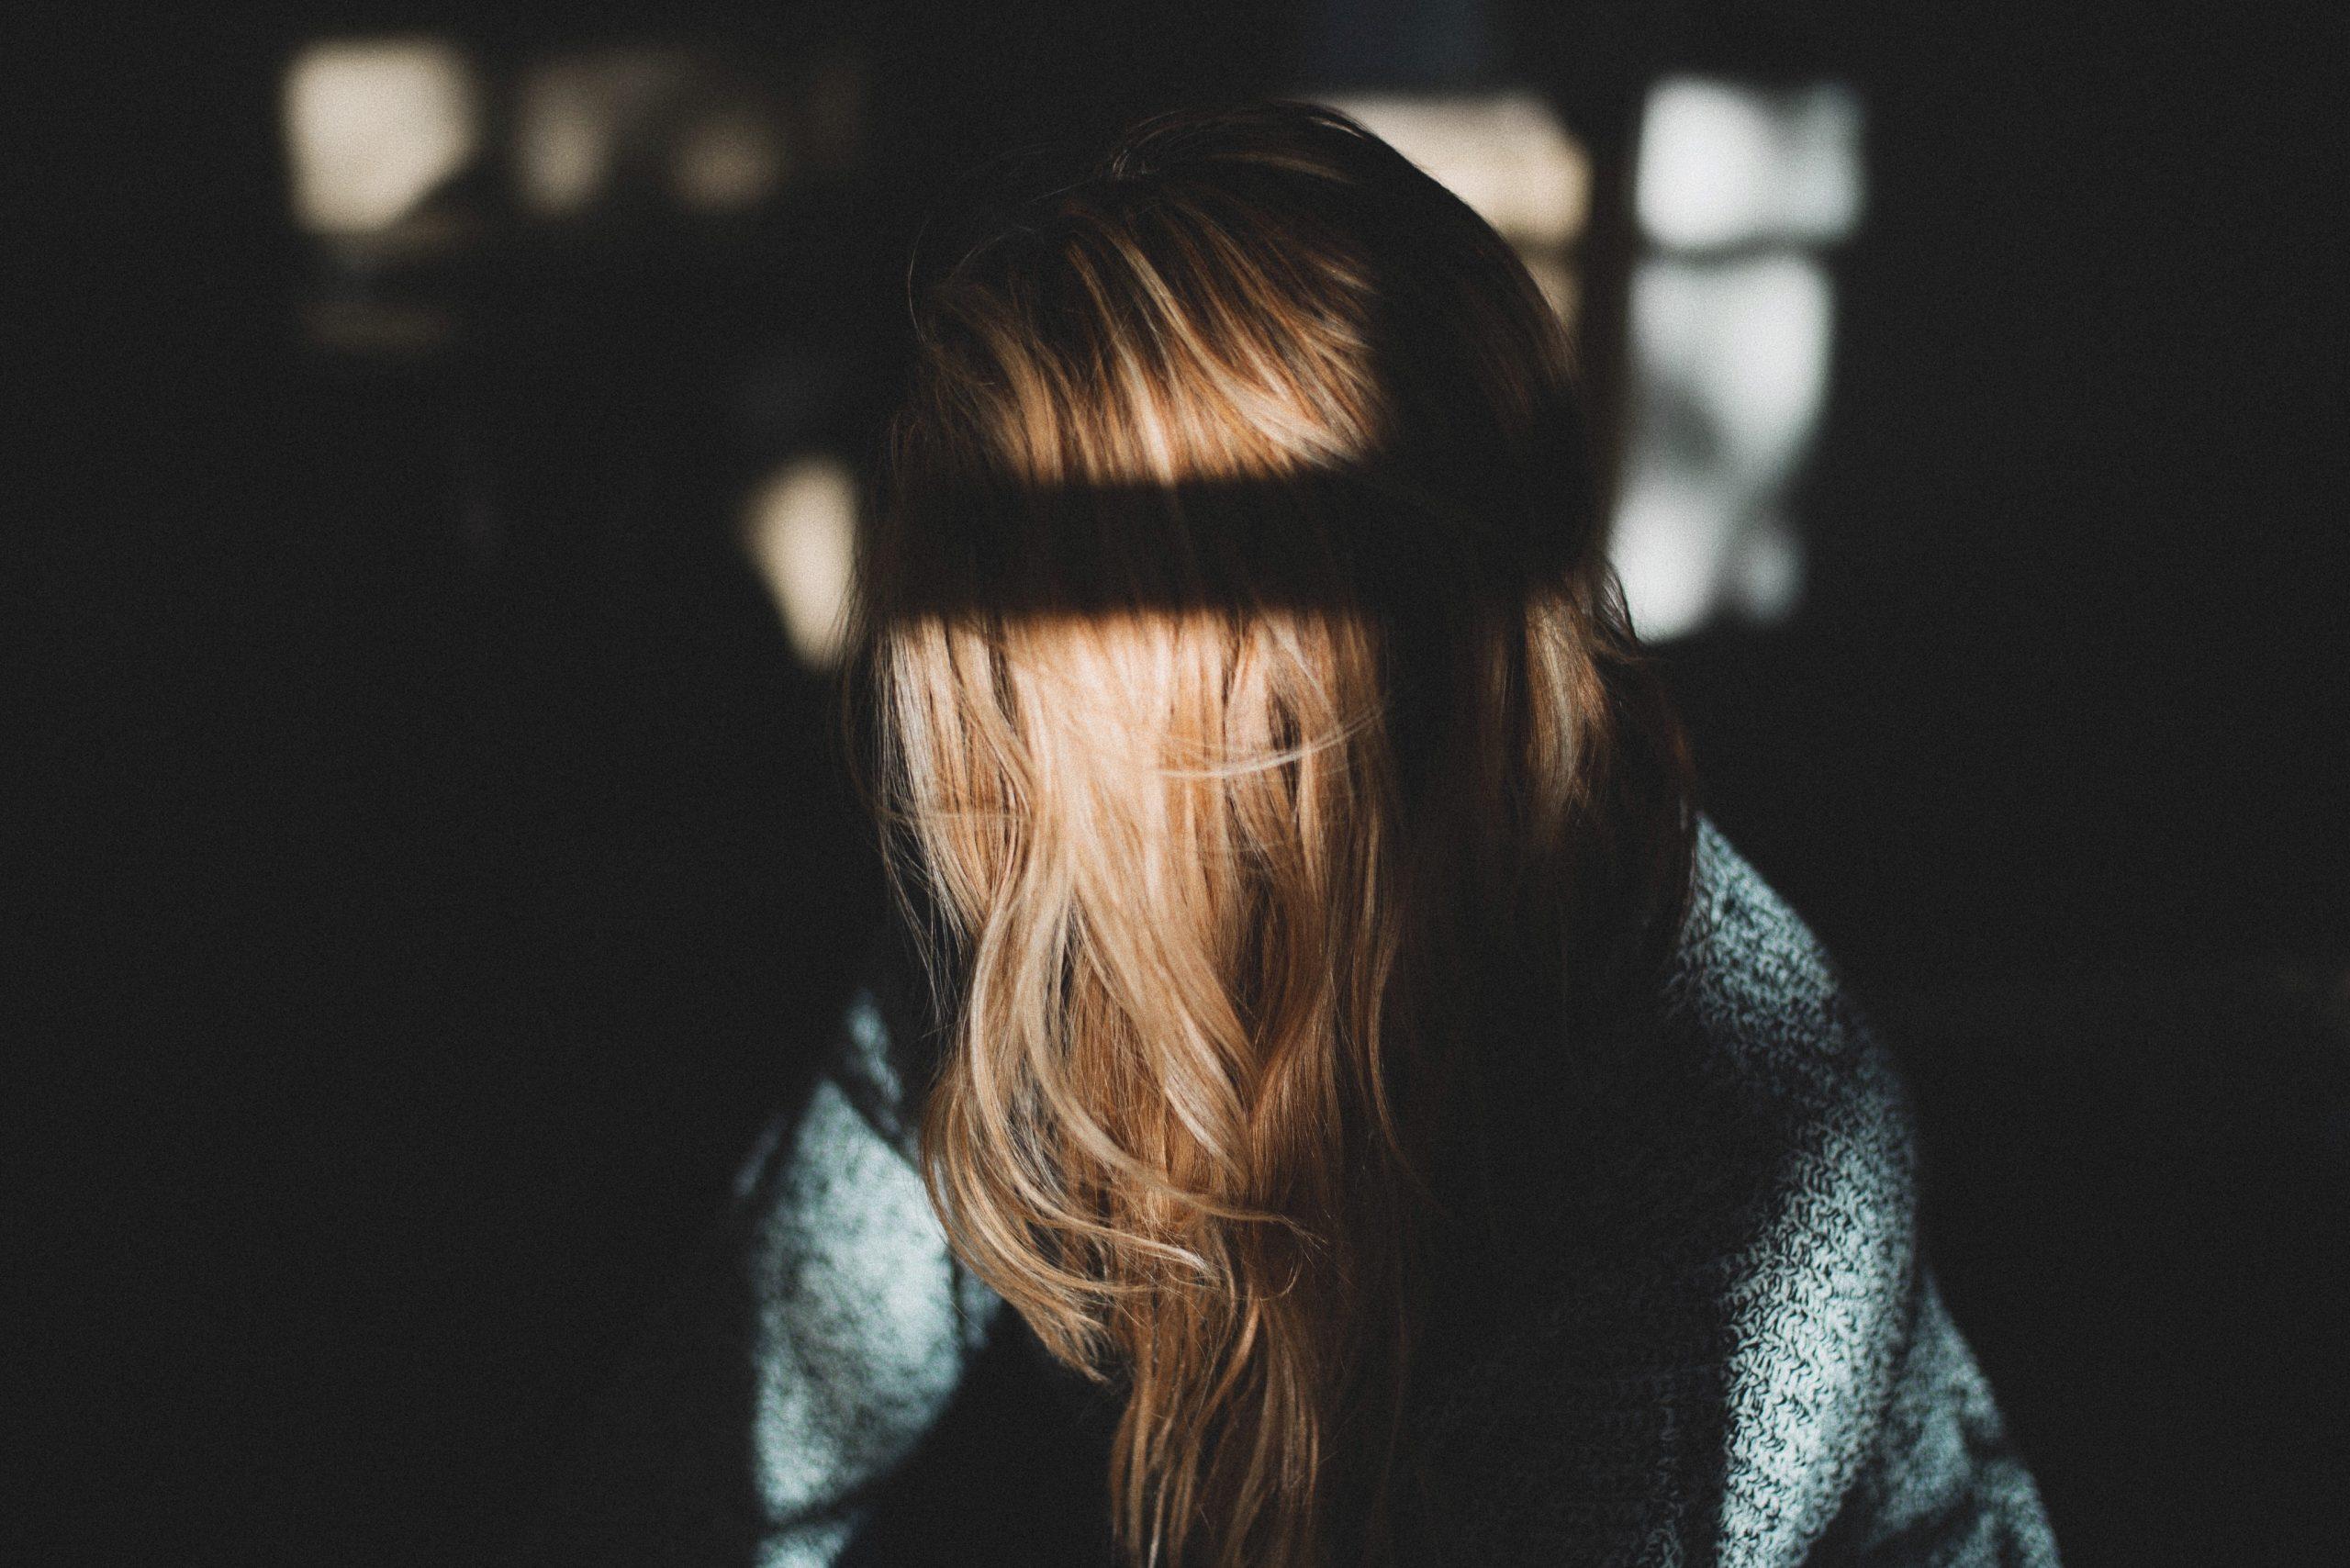 Kvinde skjuler ansigt bag håret